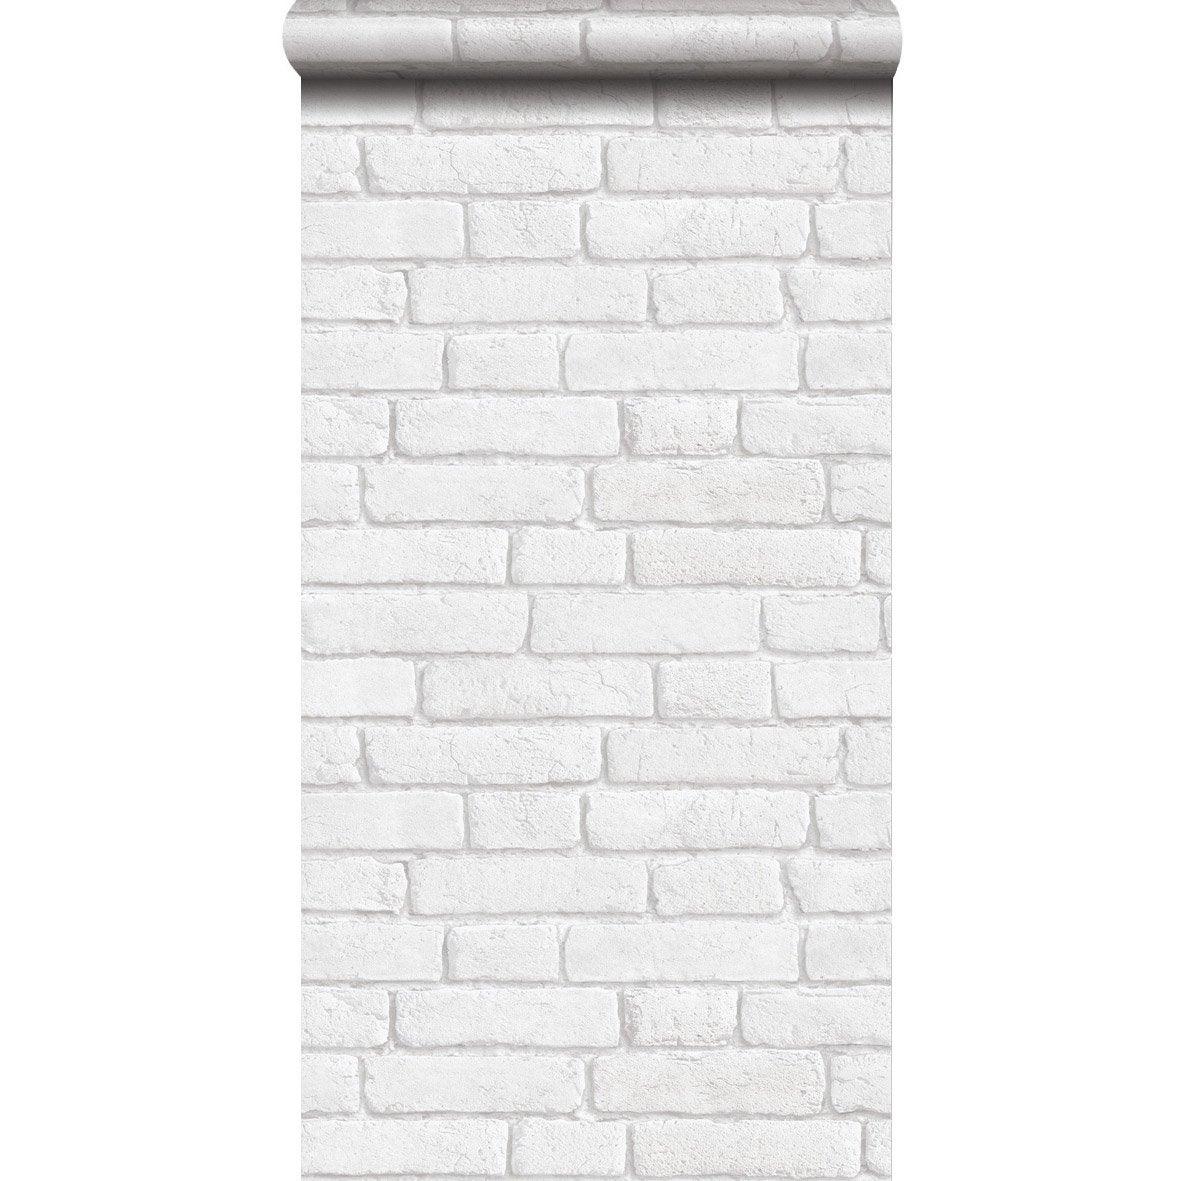 Papier peint intiss briques anciennes blanc leroy merlin - Papier peint intisse blanc ...